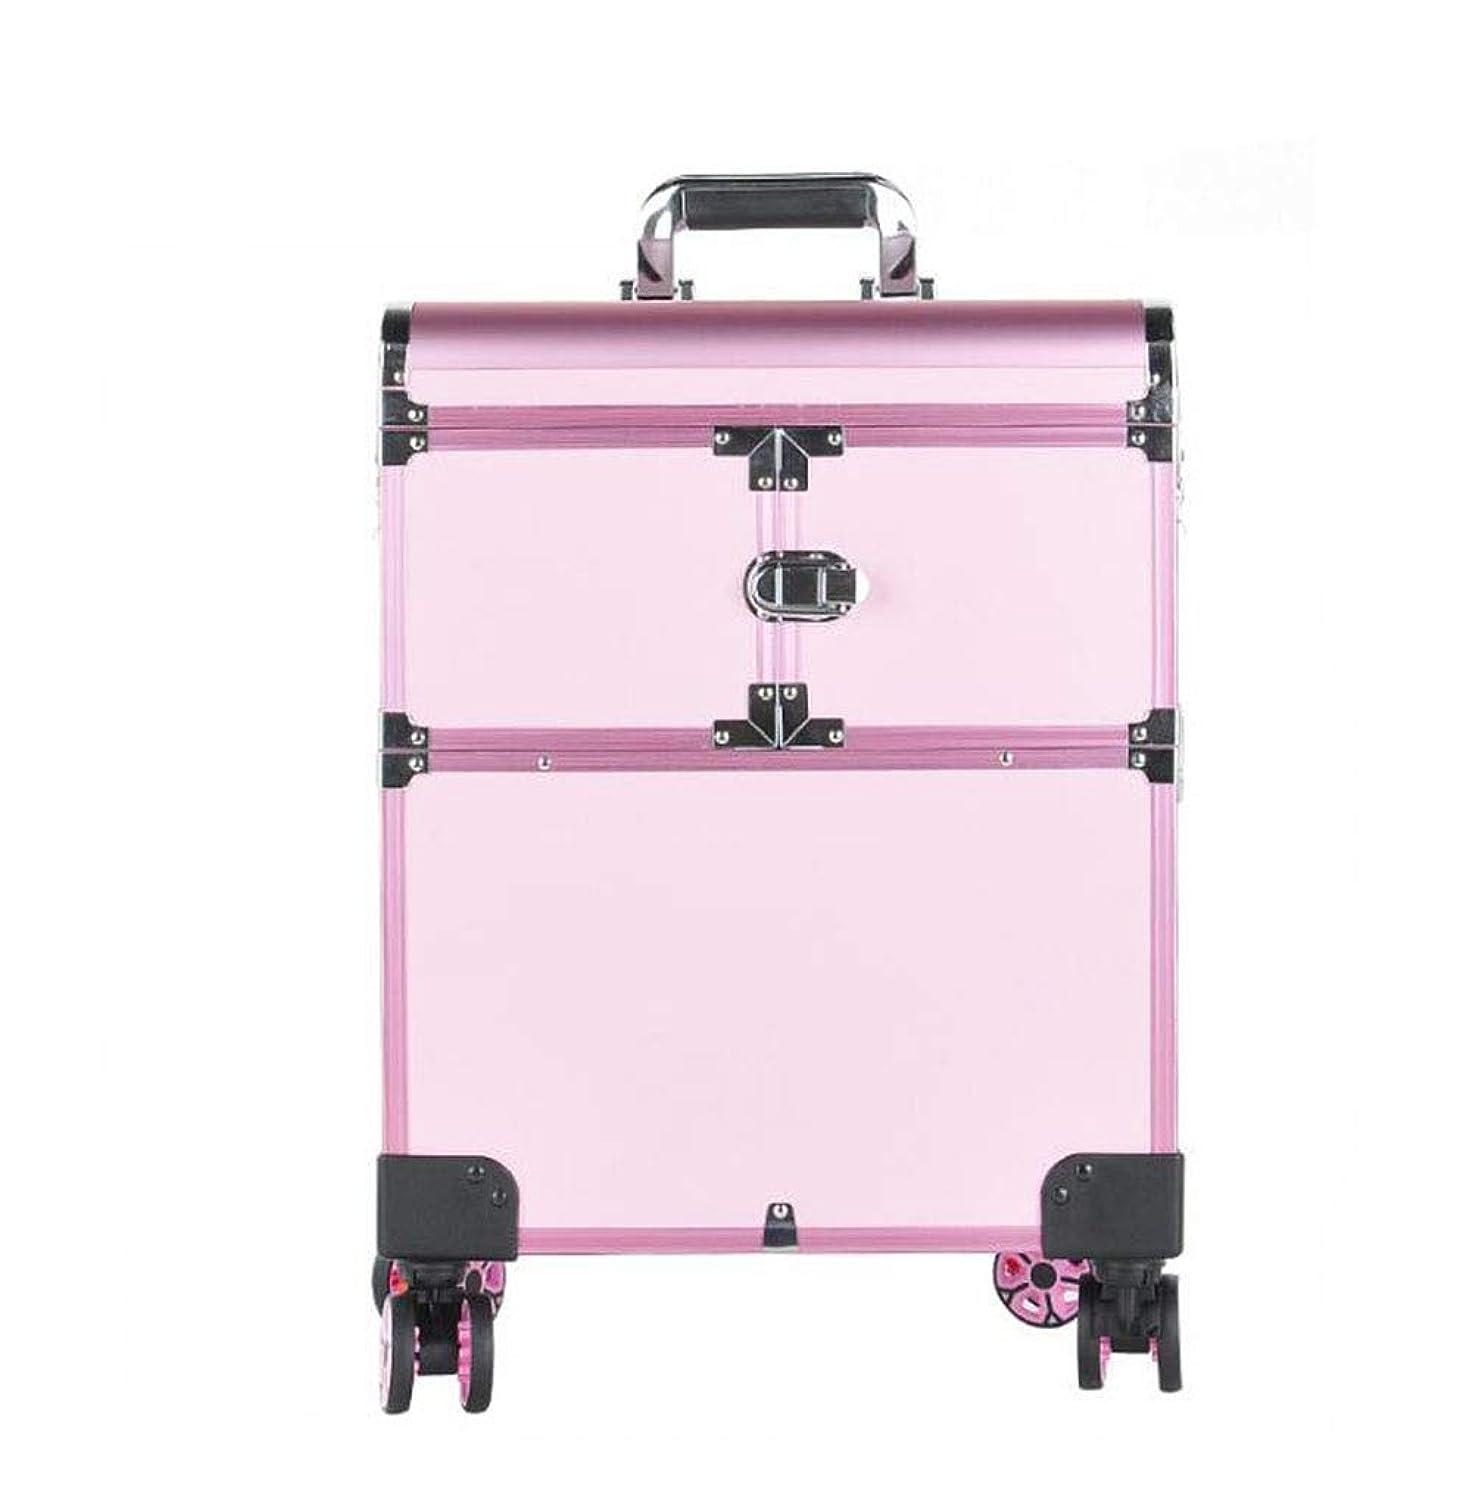 遠征無傷複雑なBUMC 特大化粧列車化粧トロリーケース、多層大容量プロフェッショナル化粧品ポータブルレバーオーガナイザー収納ビューティーボックス,Pink